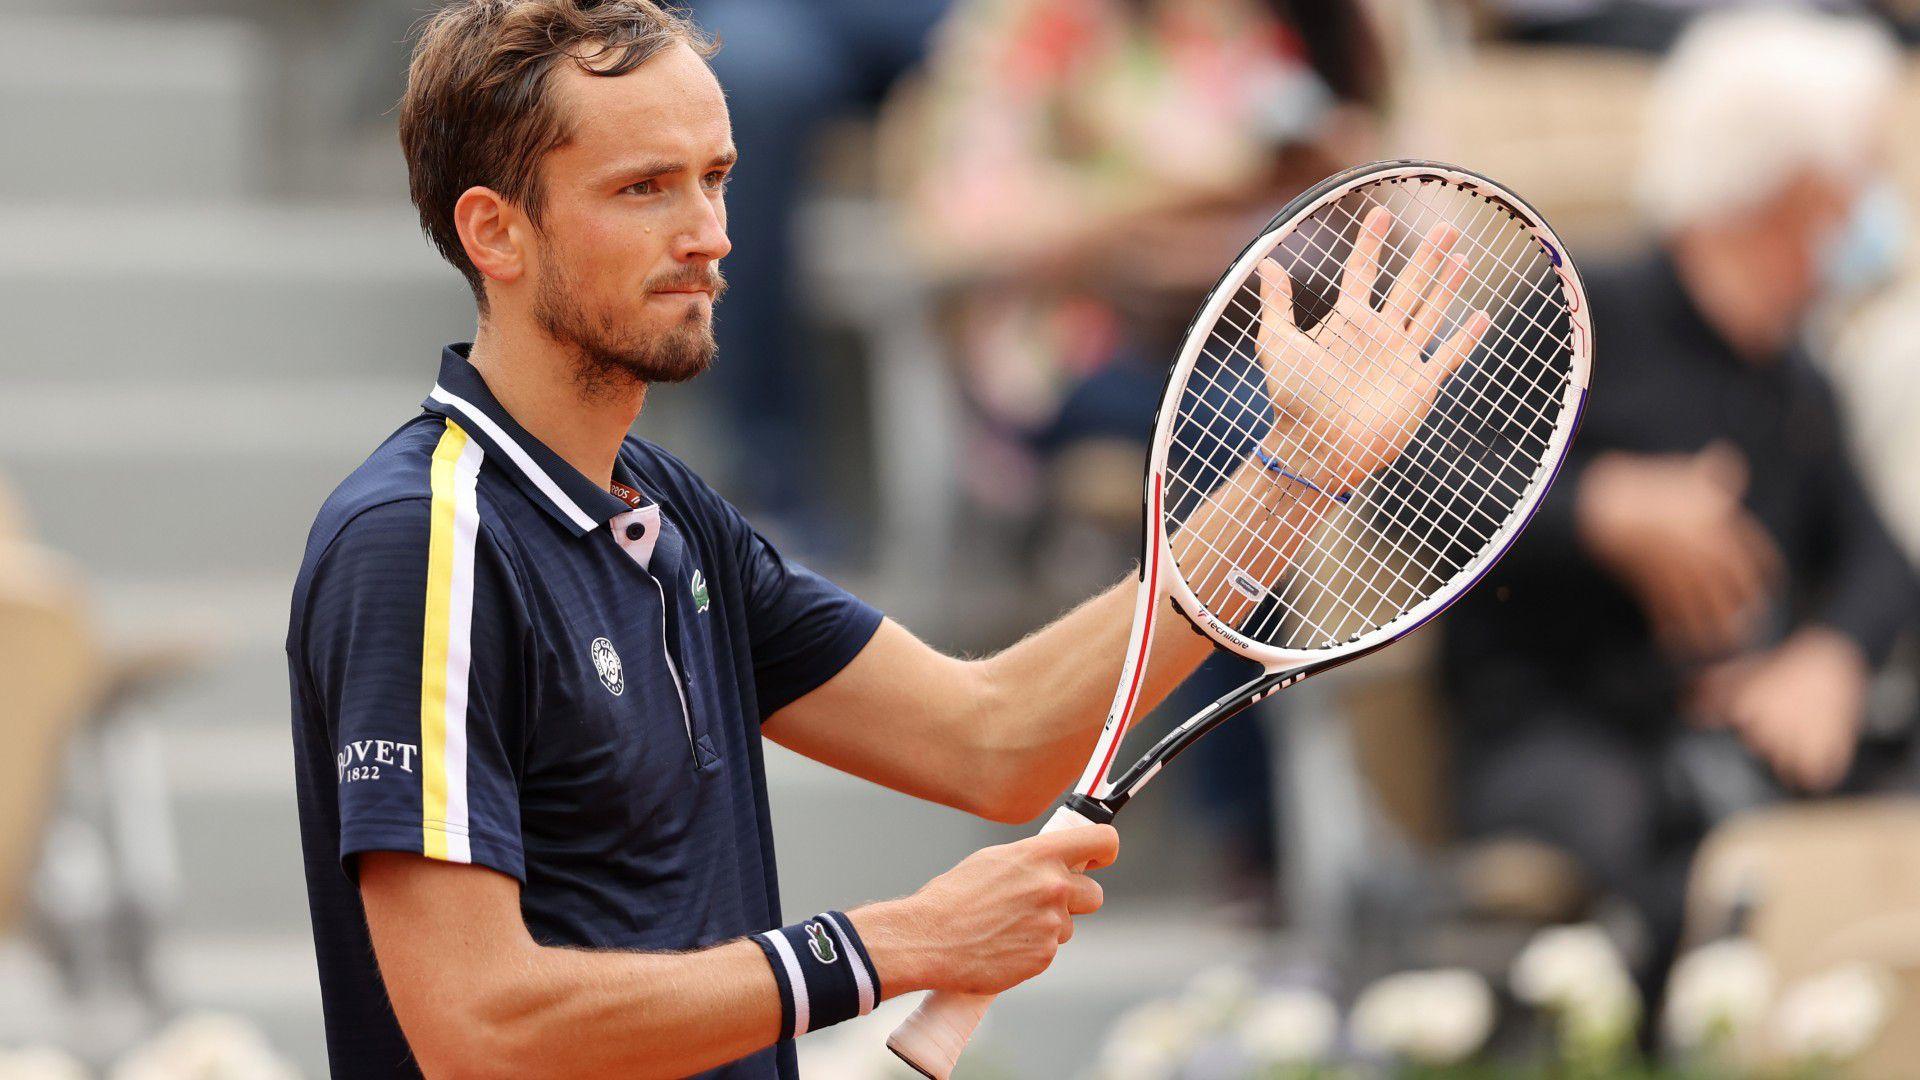 Daniil Medvedev reaches fourth round at Roland Garros